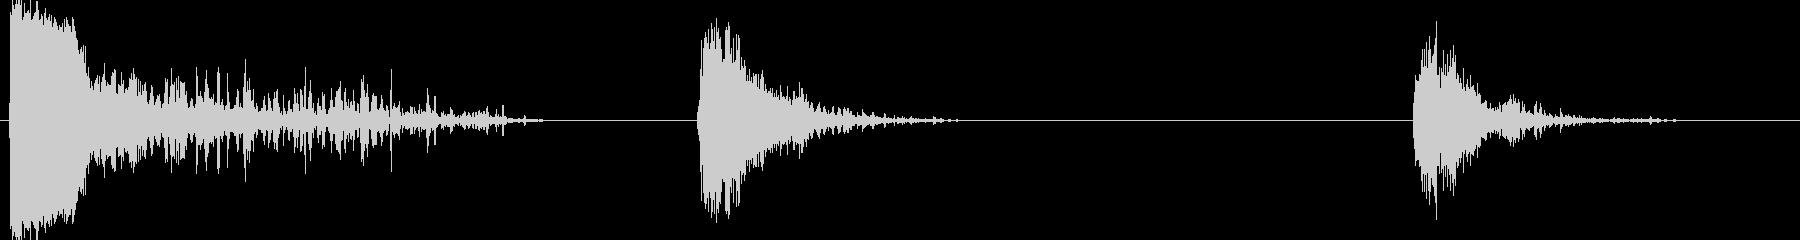 サンダー2の未再生の波形